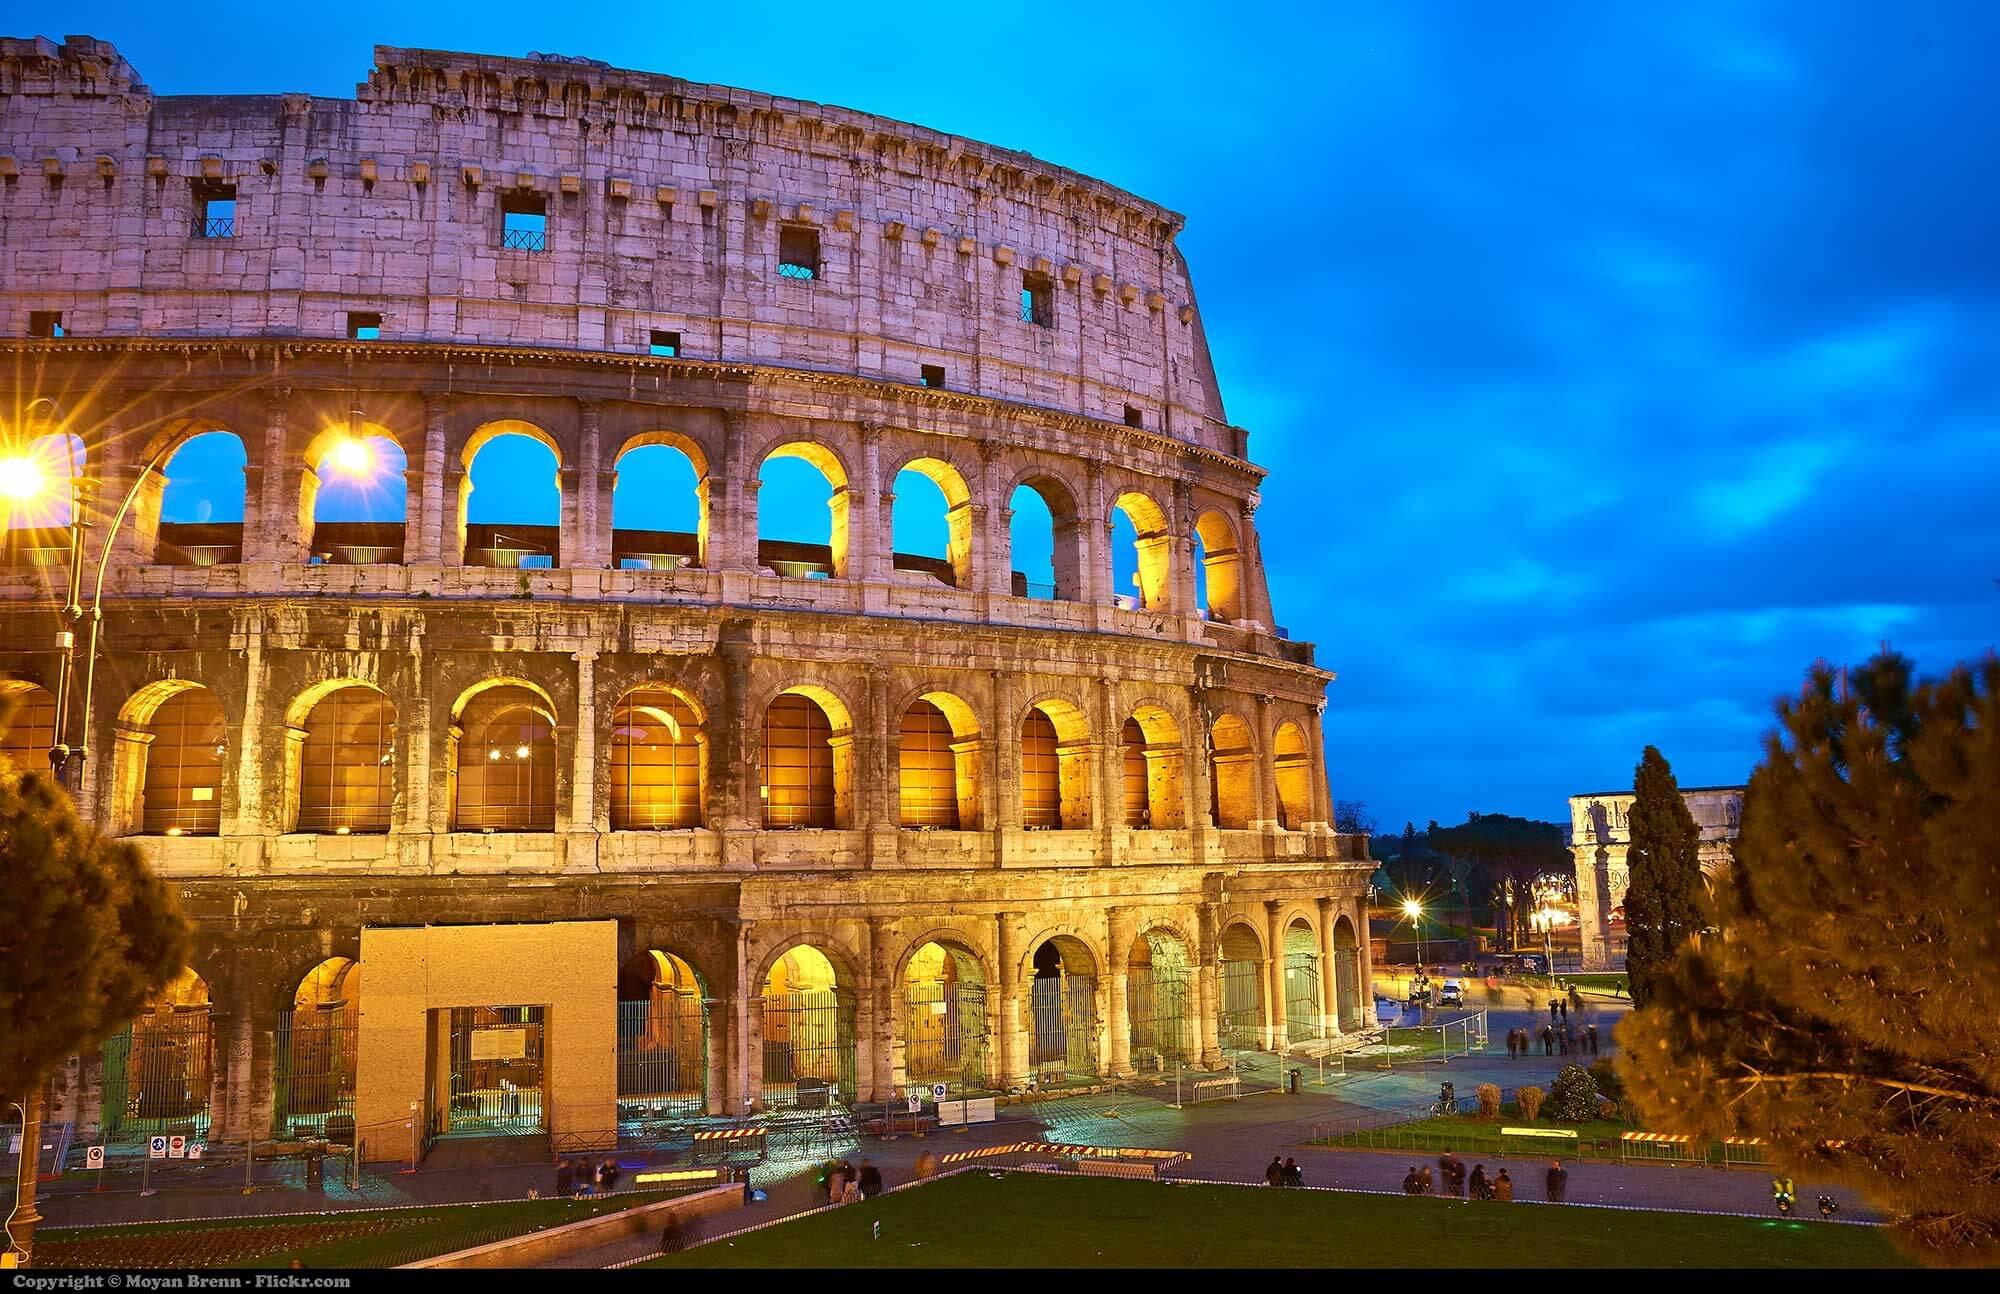 vägar till rom